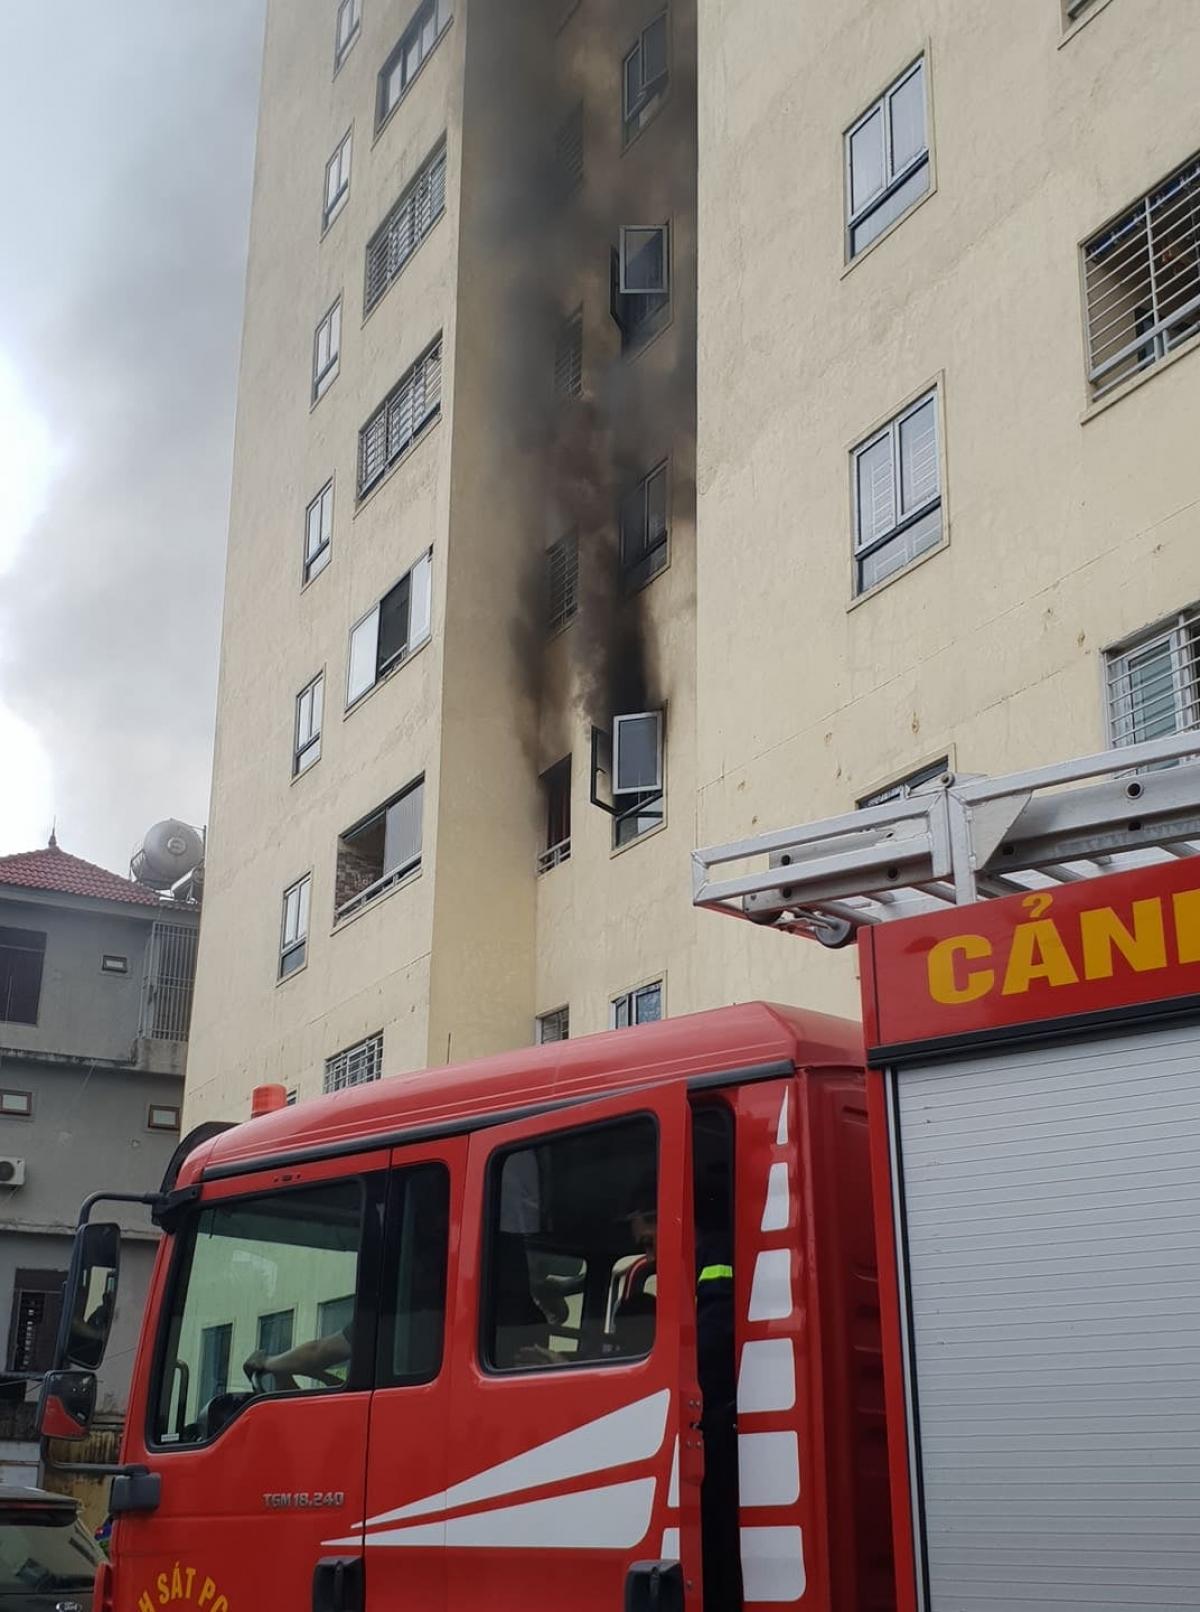 Vị trí xảy ra hỏa hoạn tại phòng ngủ thuộc tầng 3 của chung cư.